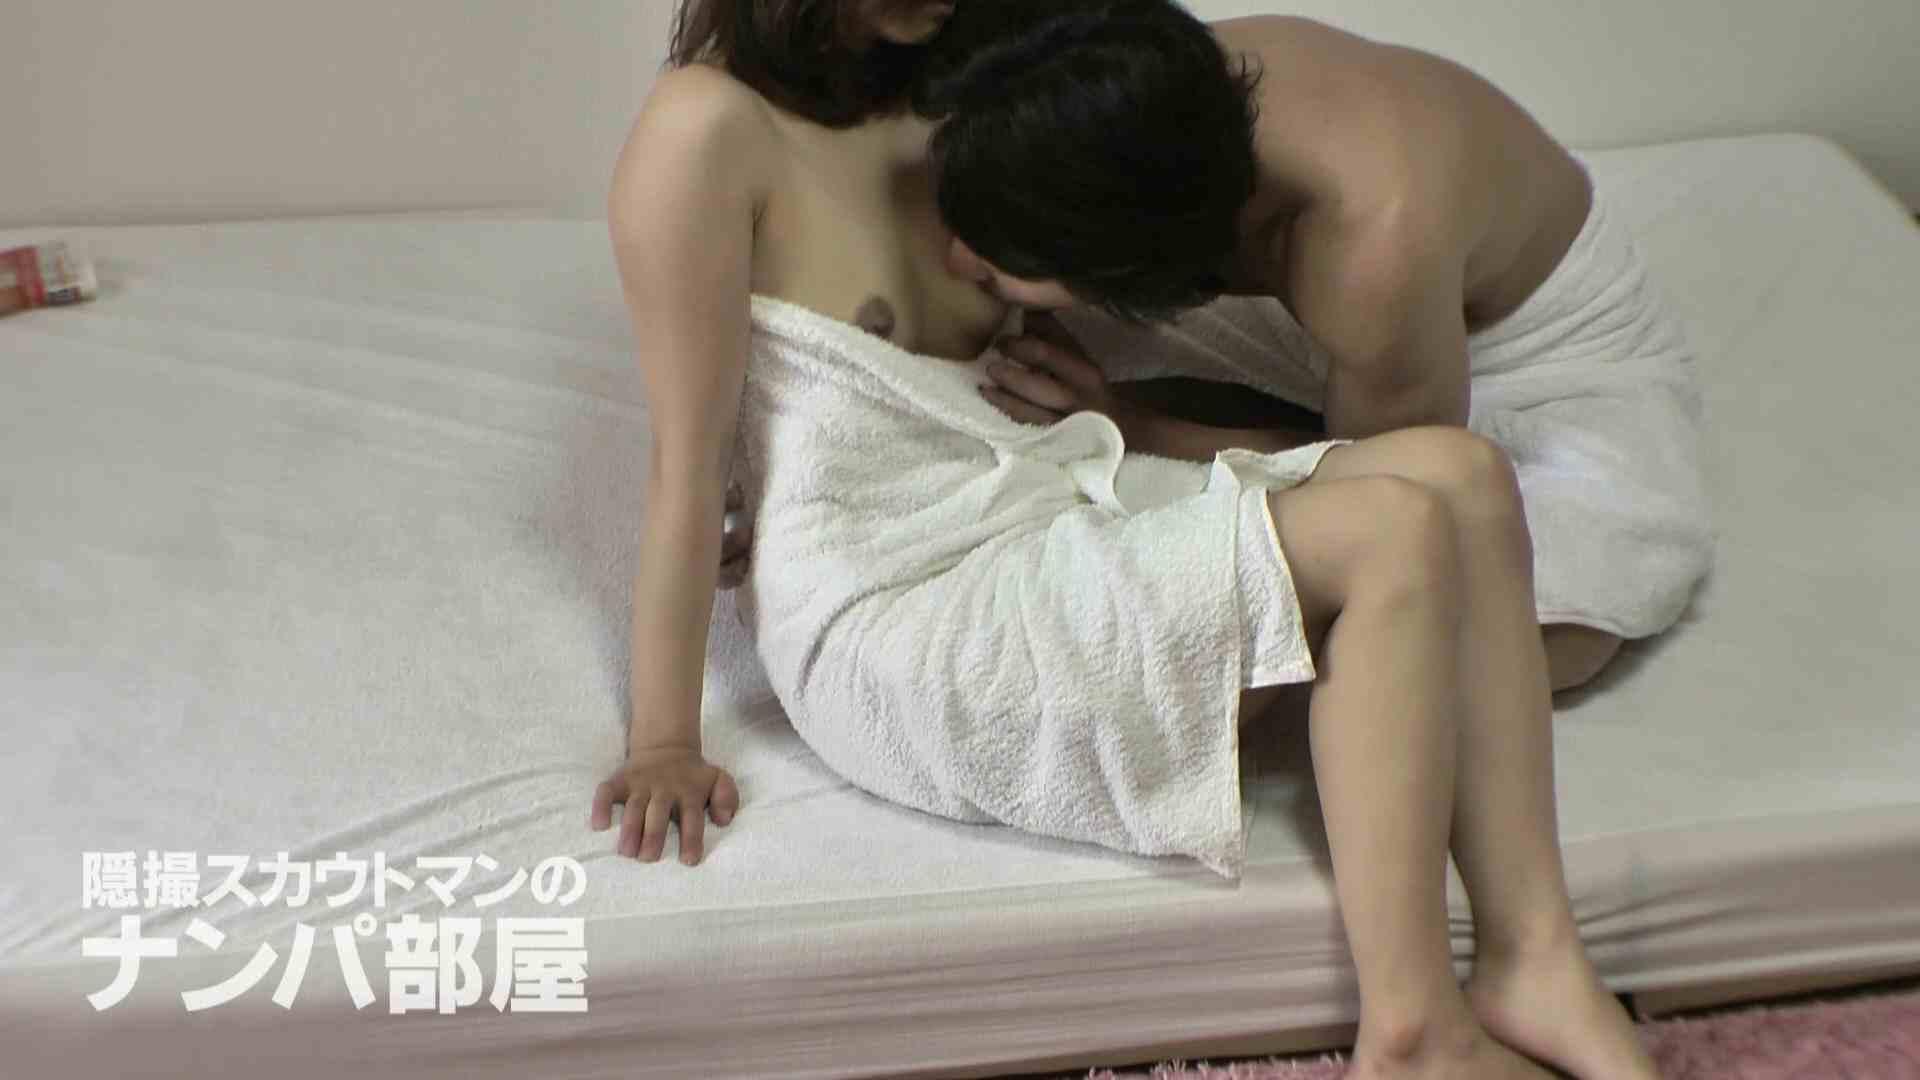 隠撮スカウトマンのナンパ部屋~風俗デビュー前のつまみ食い~ sii 隠撮 盗み撮り動画キャプチャ 90連発 59